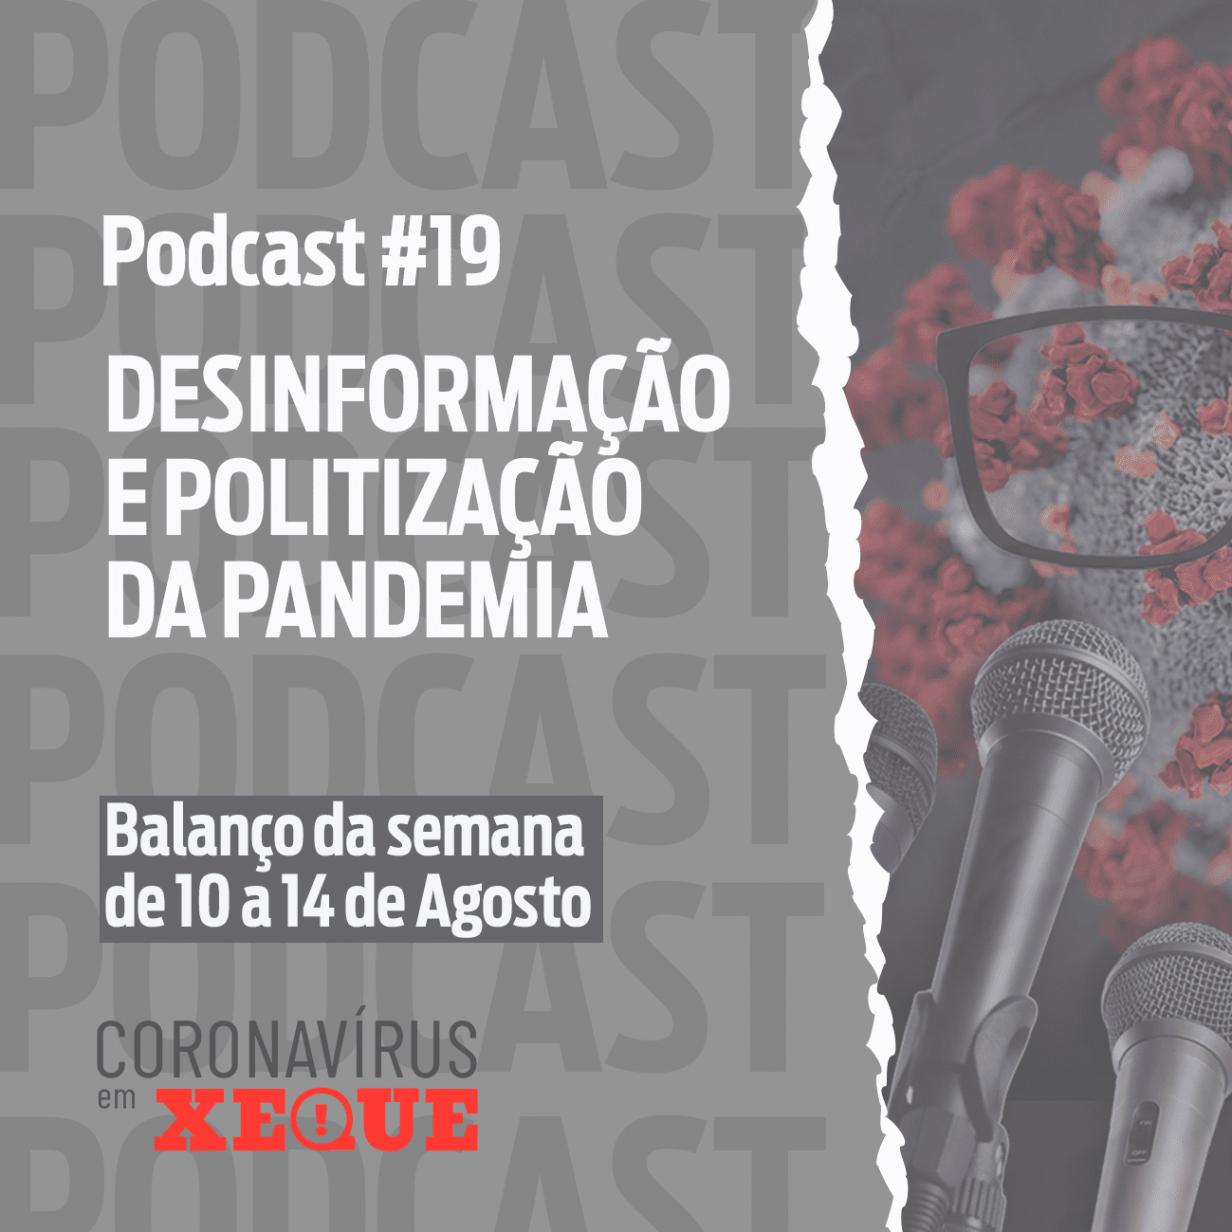 Desinformação e politização da pandemia